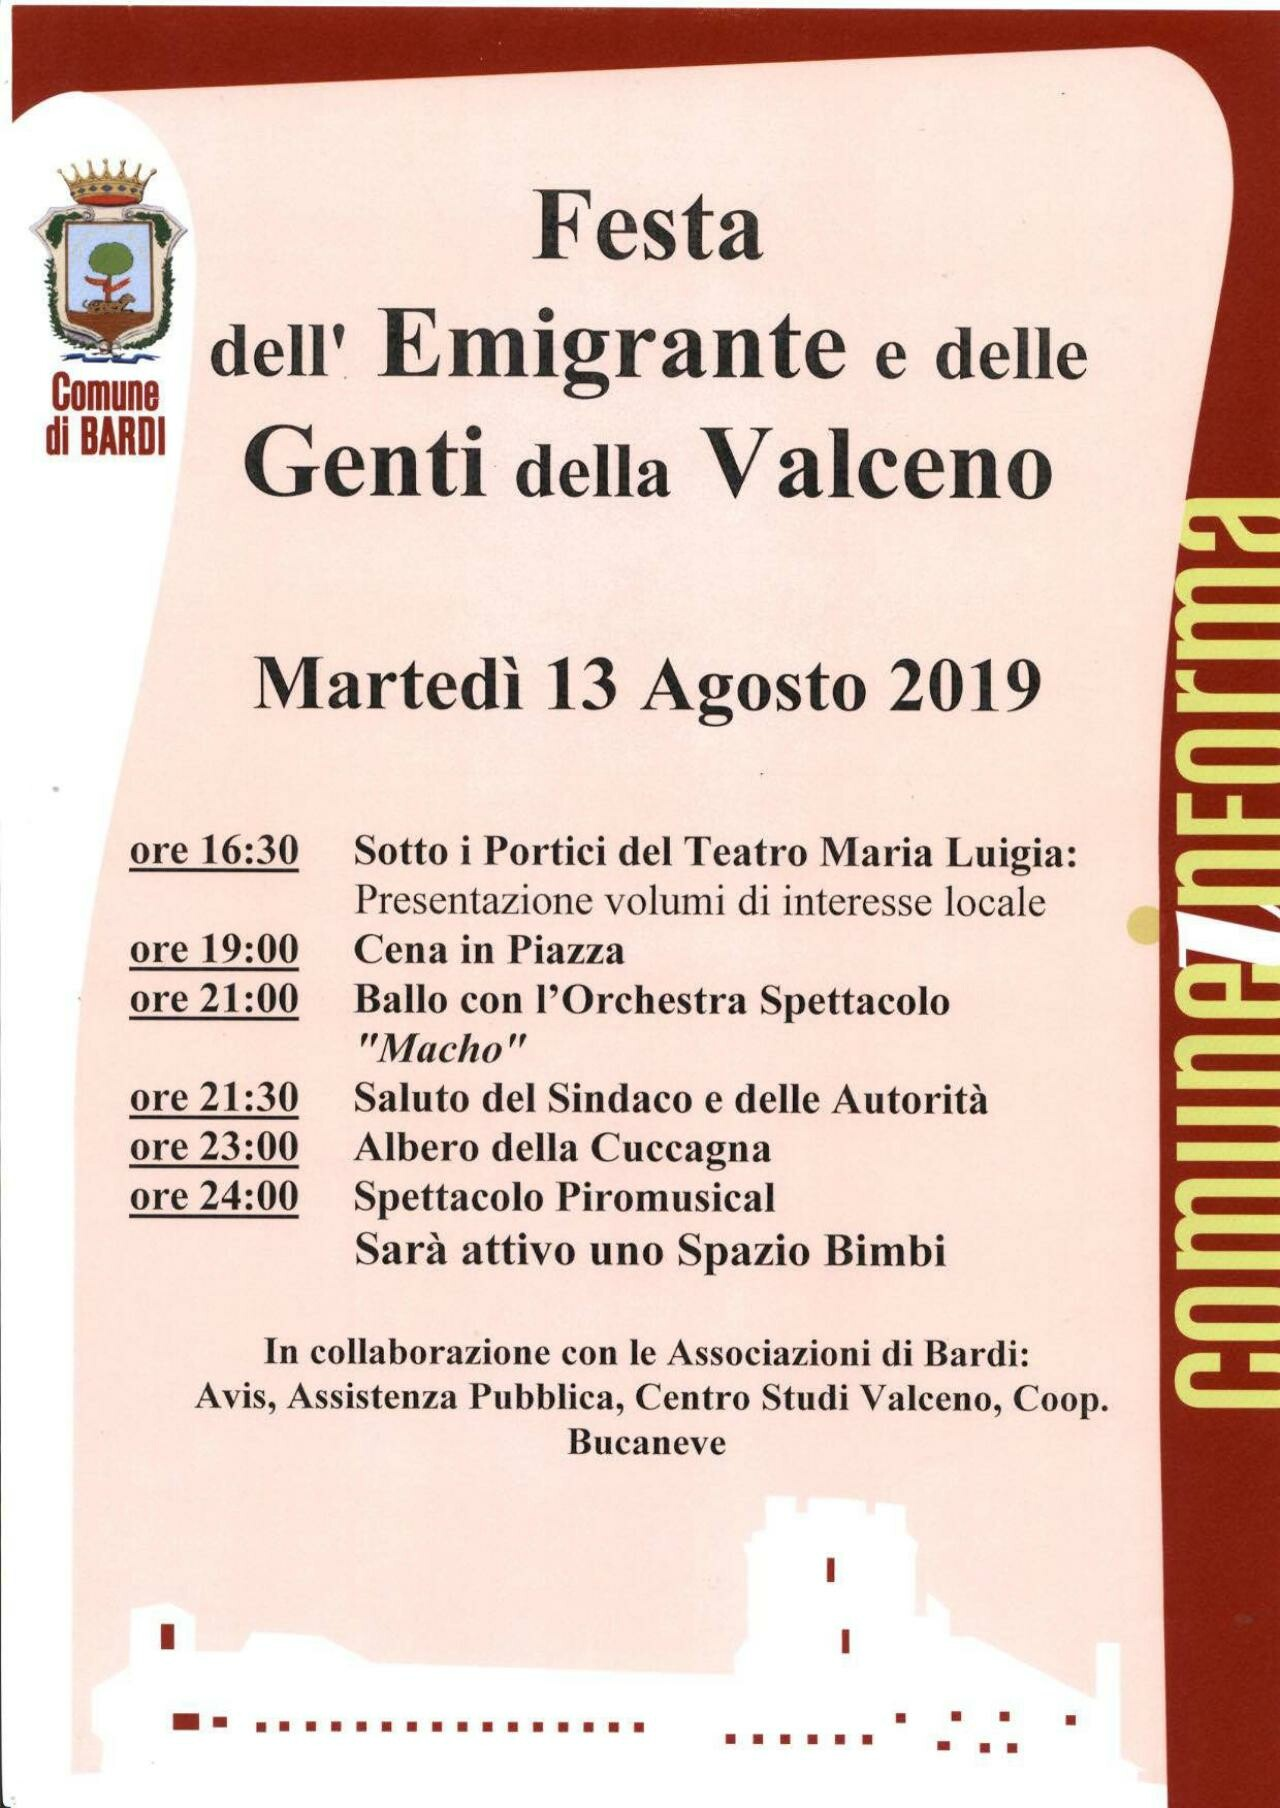 38^ FESTA DELL'EMIGRANTE E DELLE GENTI DELLA VALCENO